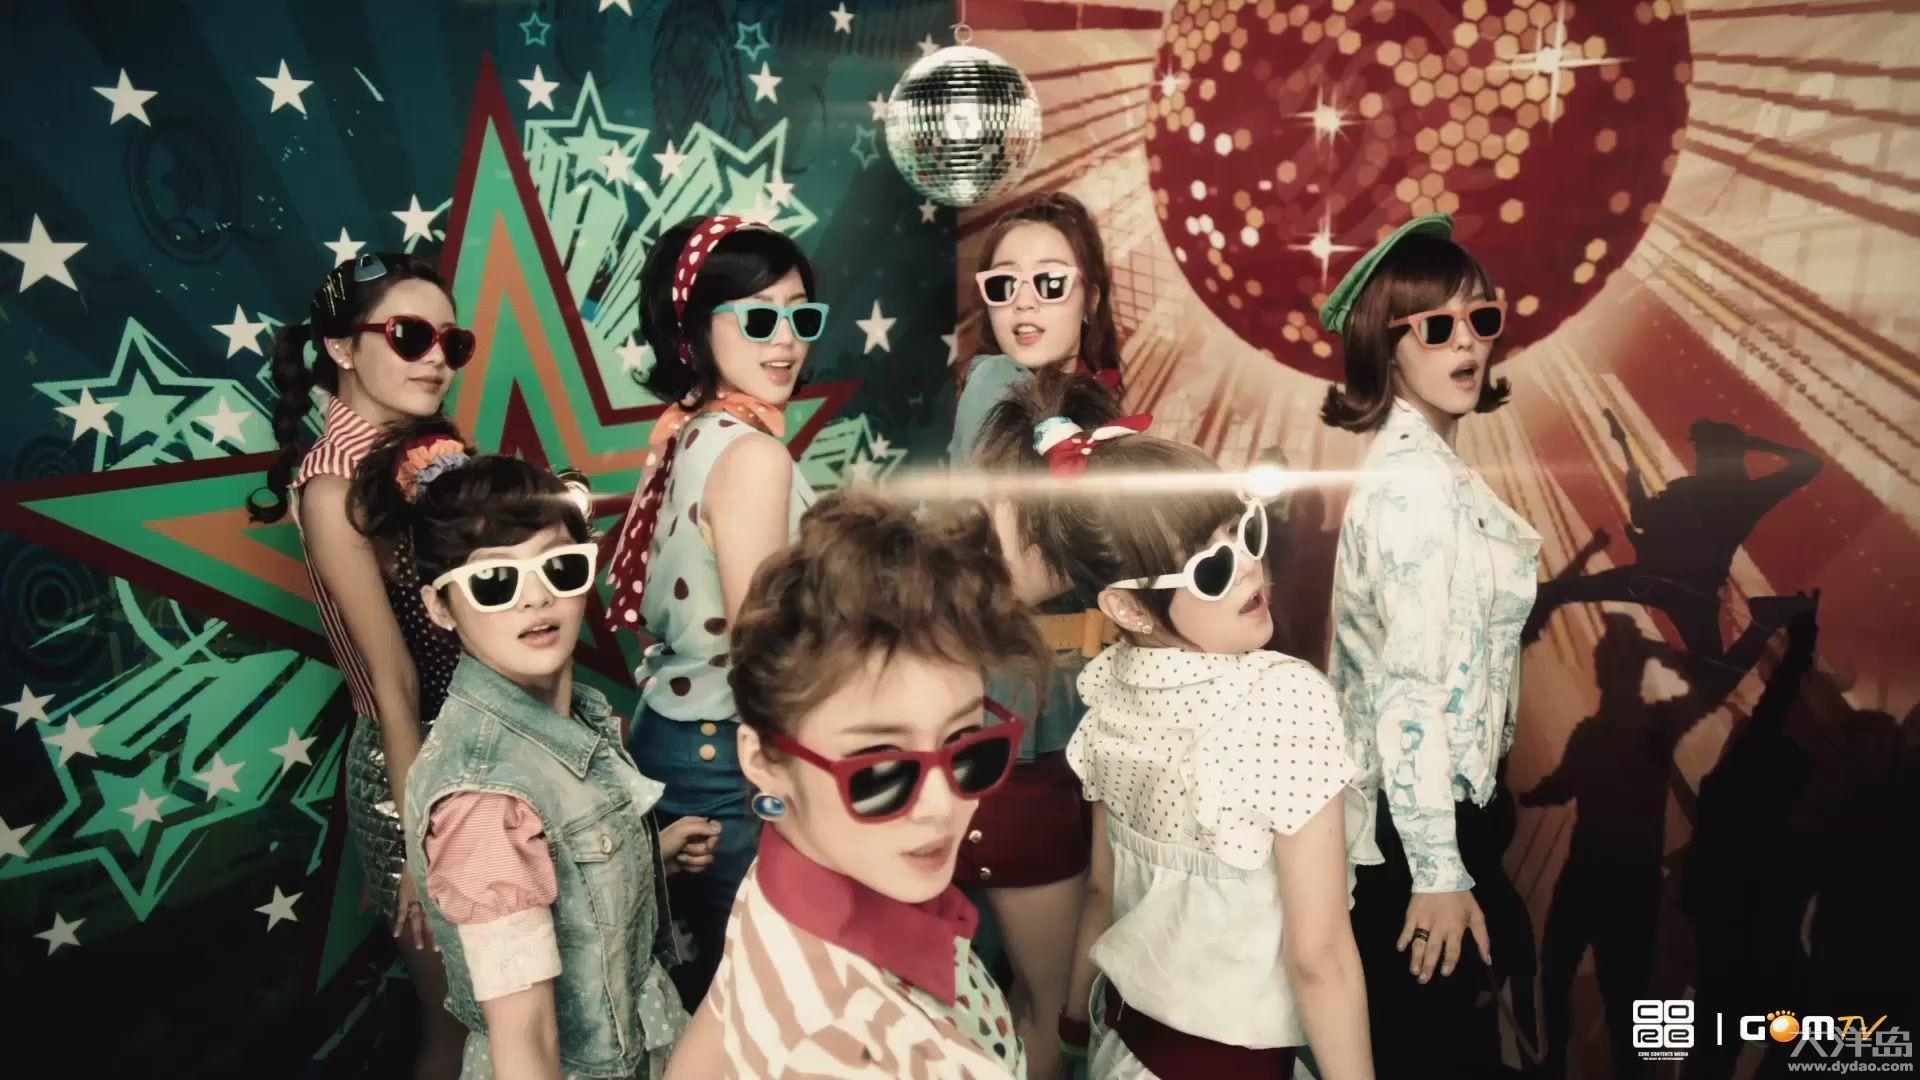 韩国女子团体跳唱组合高清性感mv